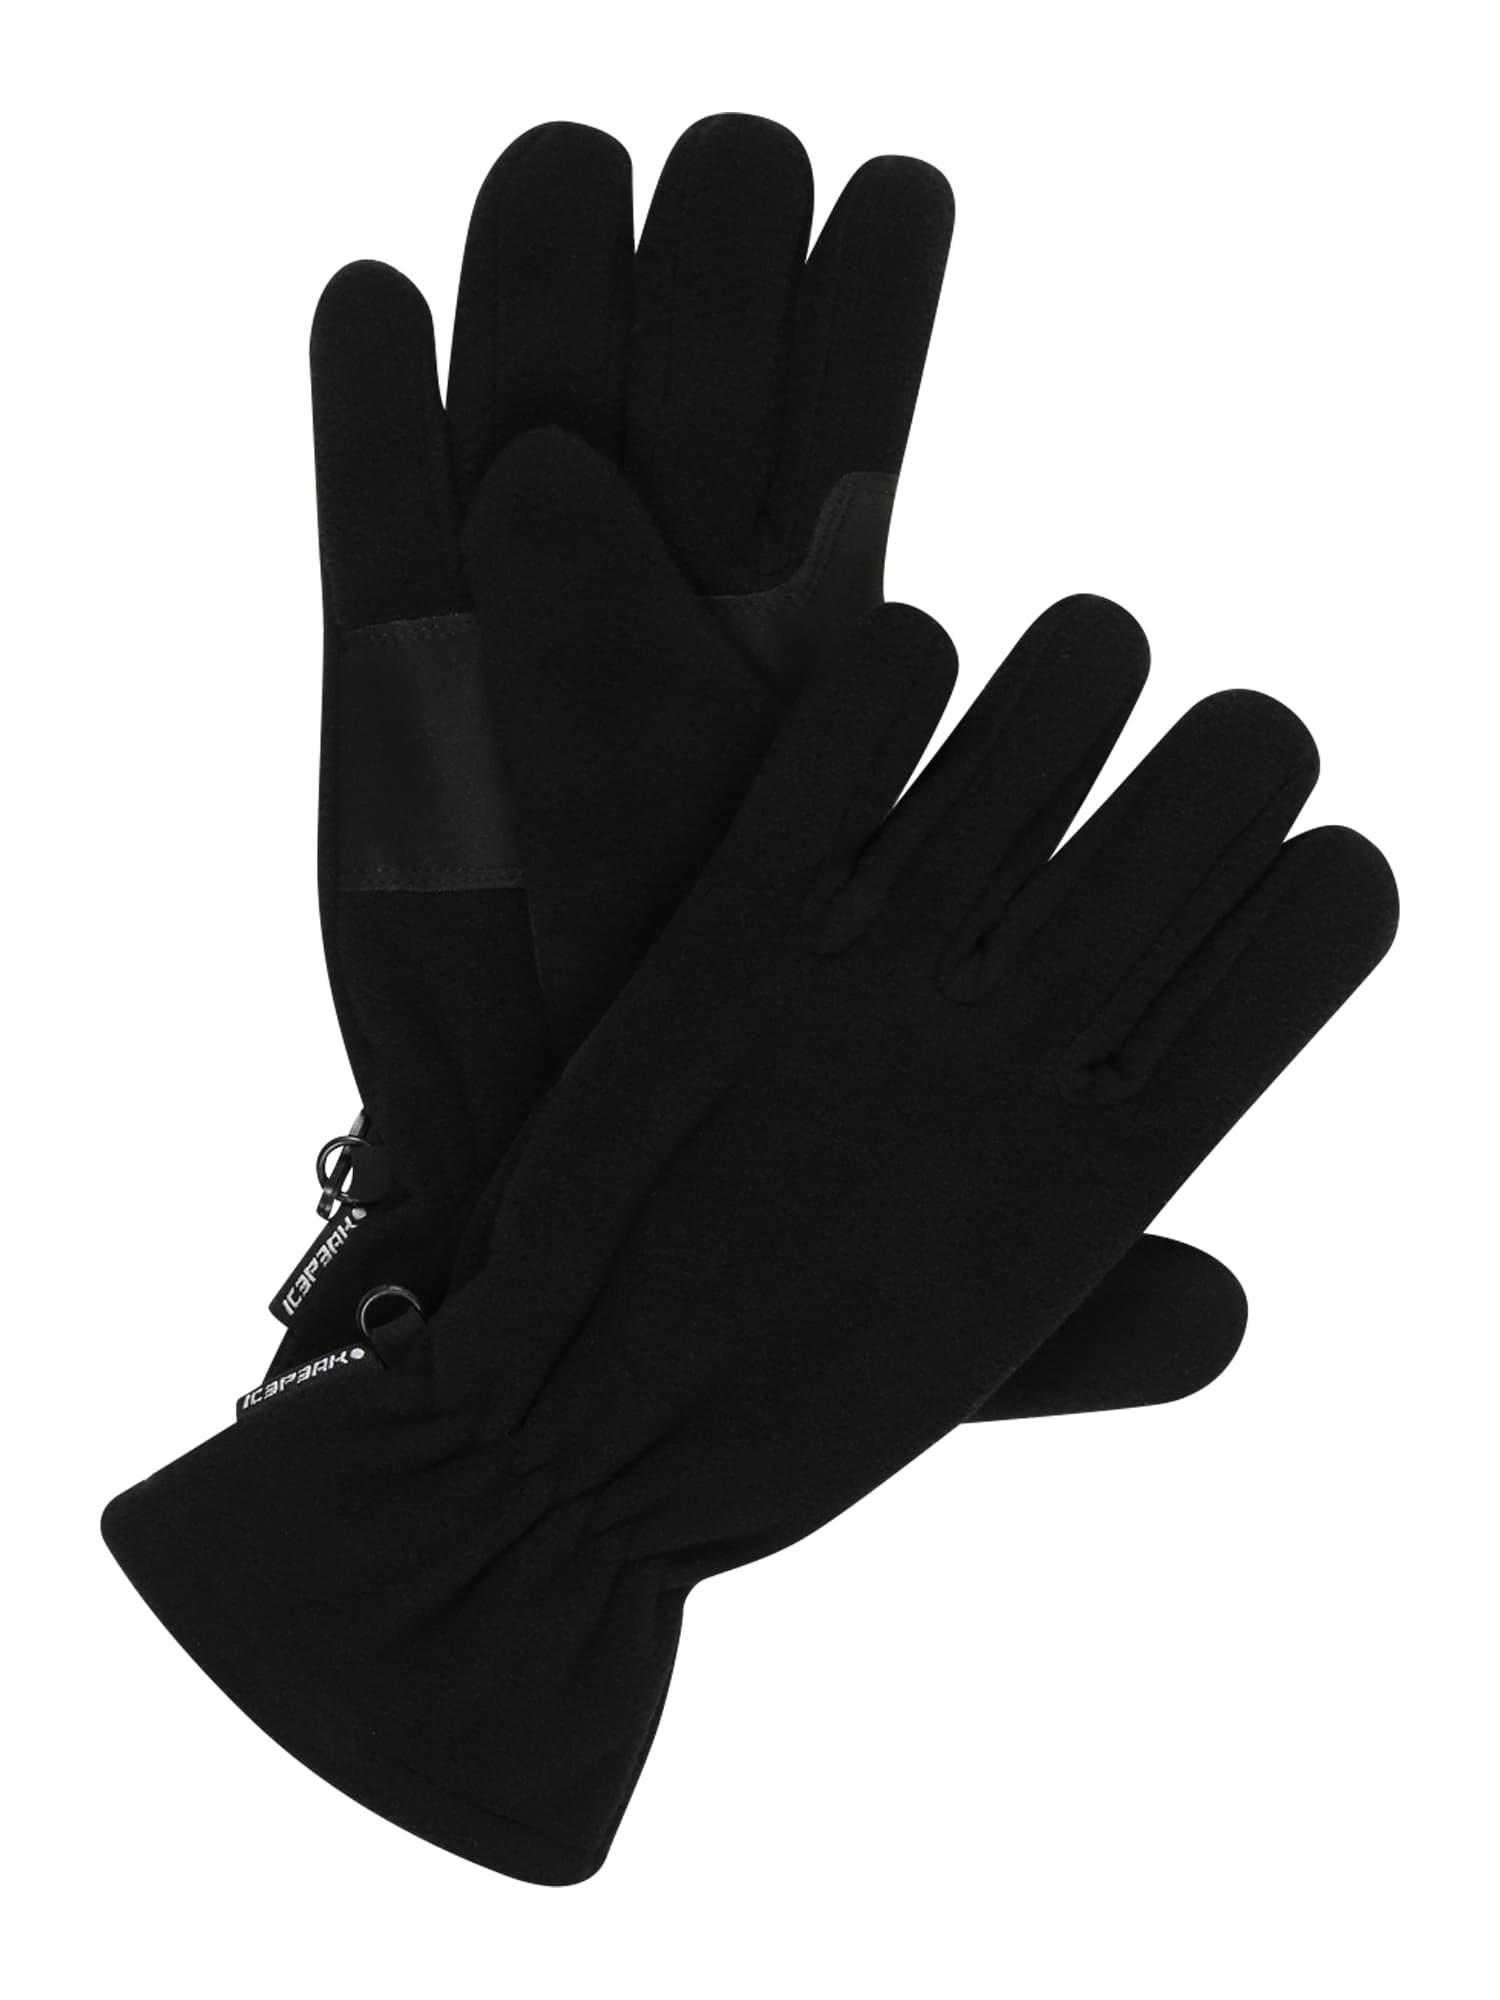 ICEPEAK Sportinės pirštinės 'HOMEDALE' juoda